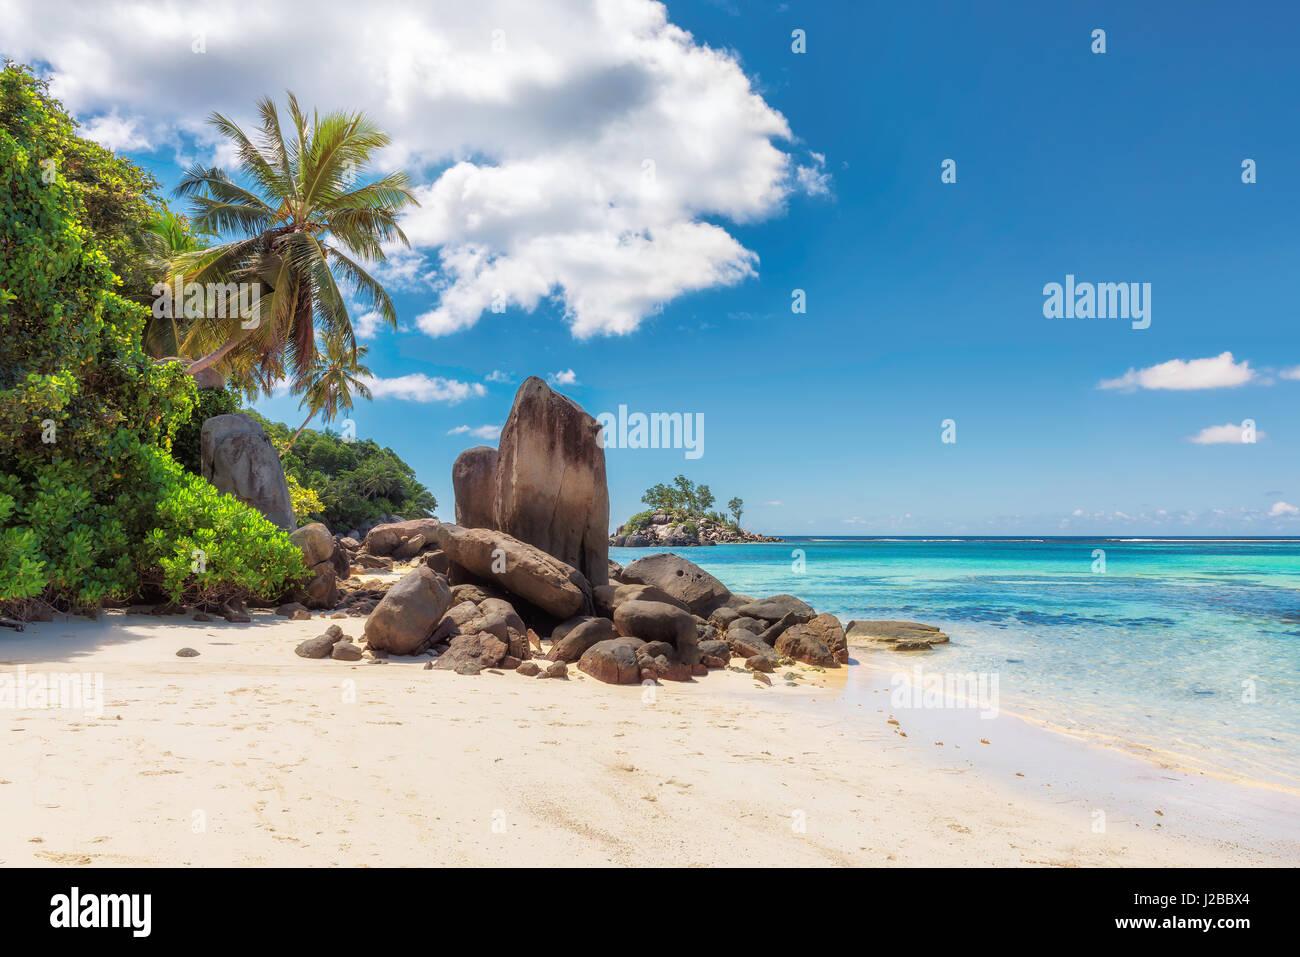 Palmiers et rochers sur une plage de sable blanc, l'île de Mahé, Seychelles Photo Stock